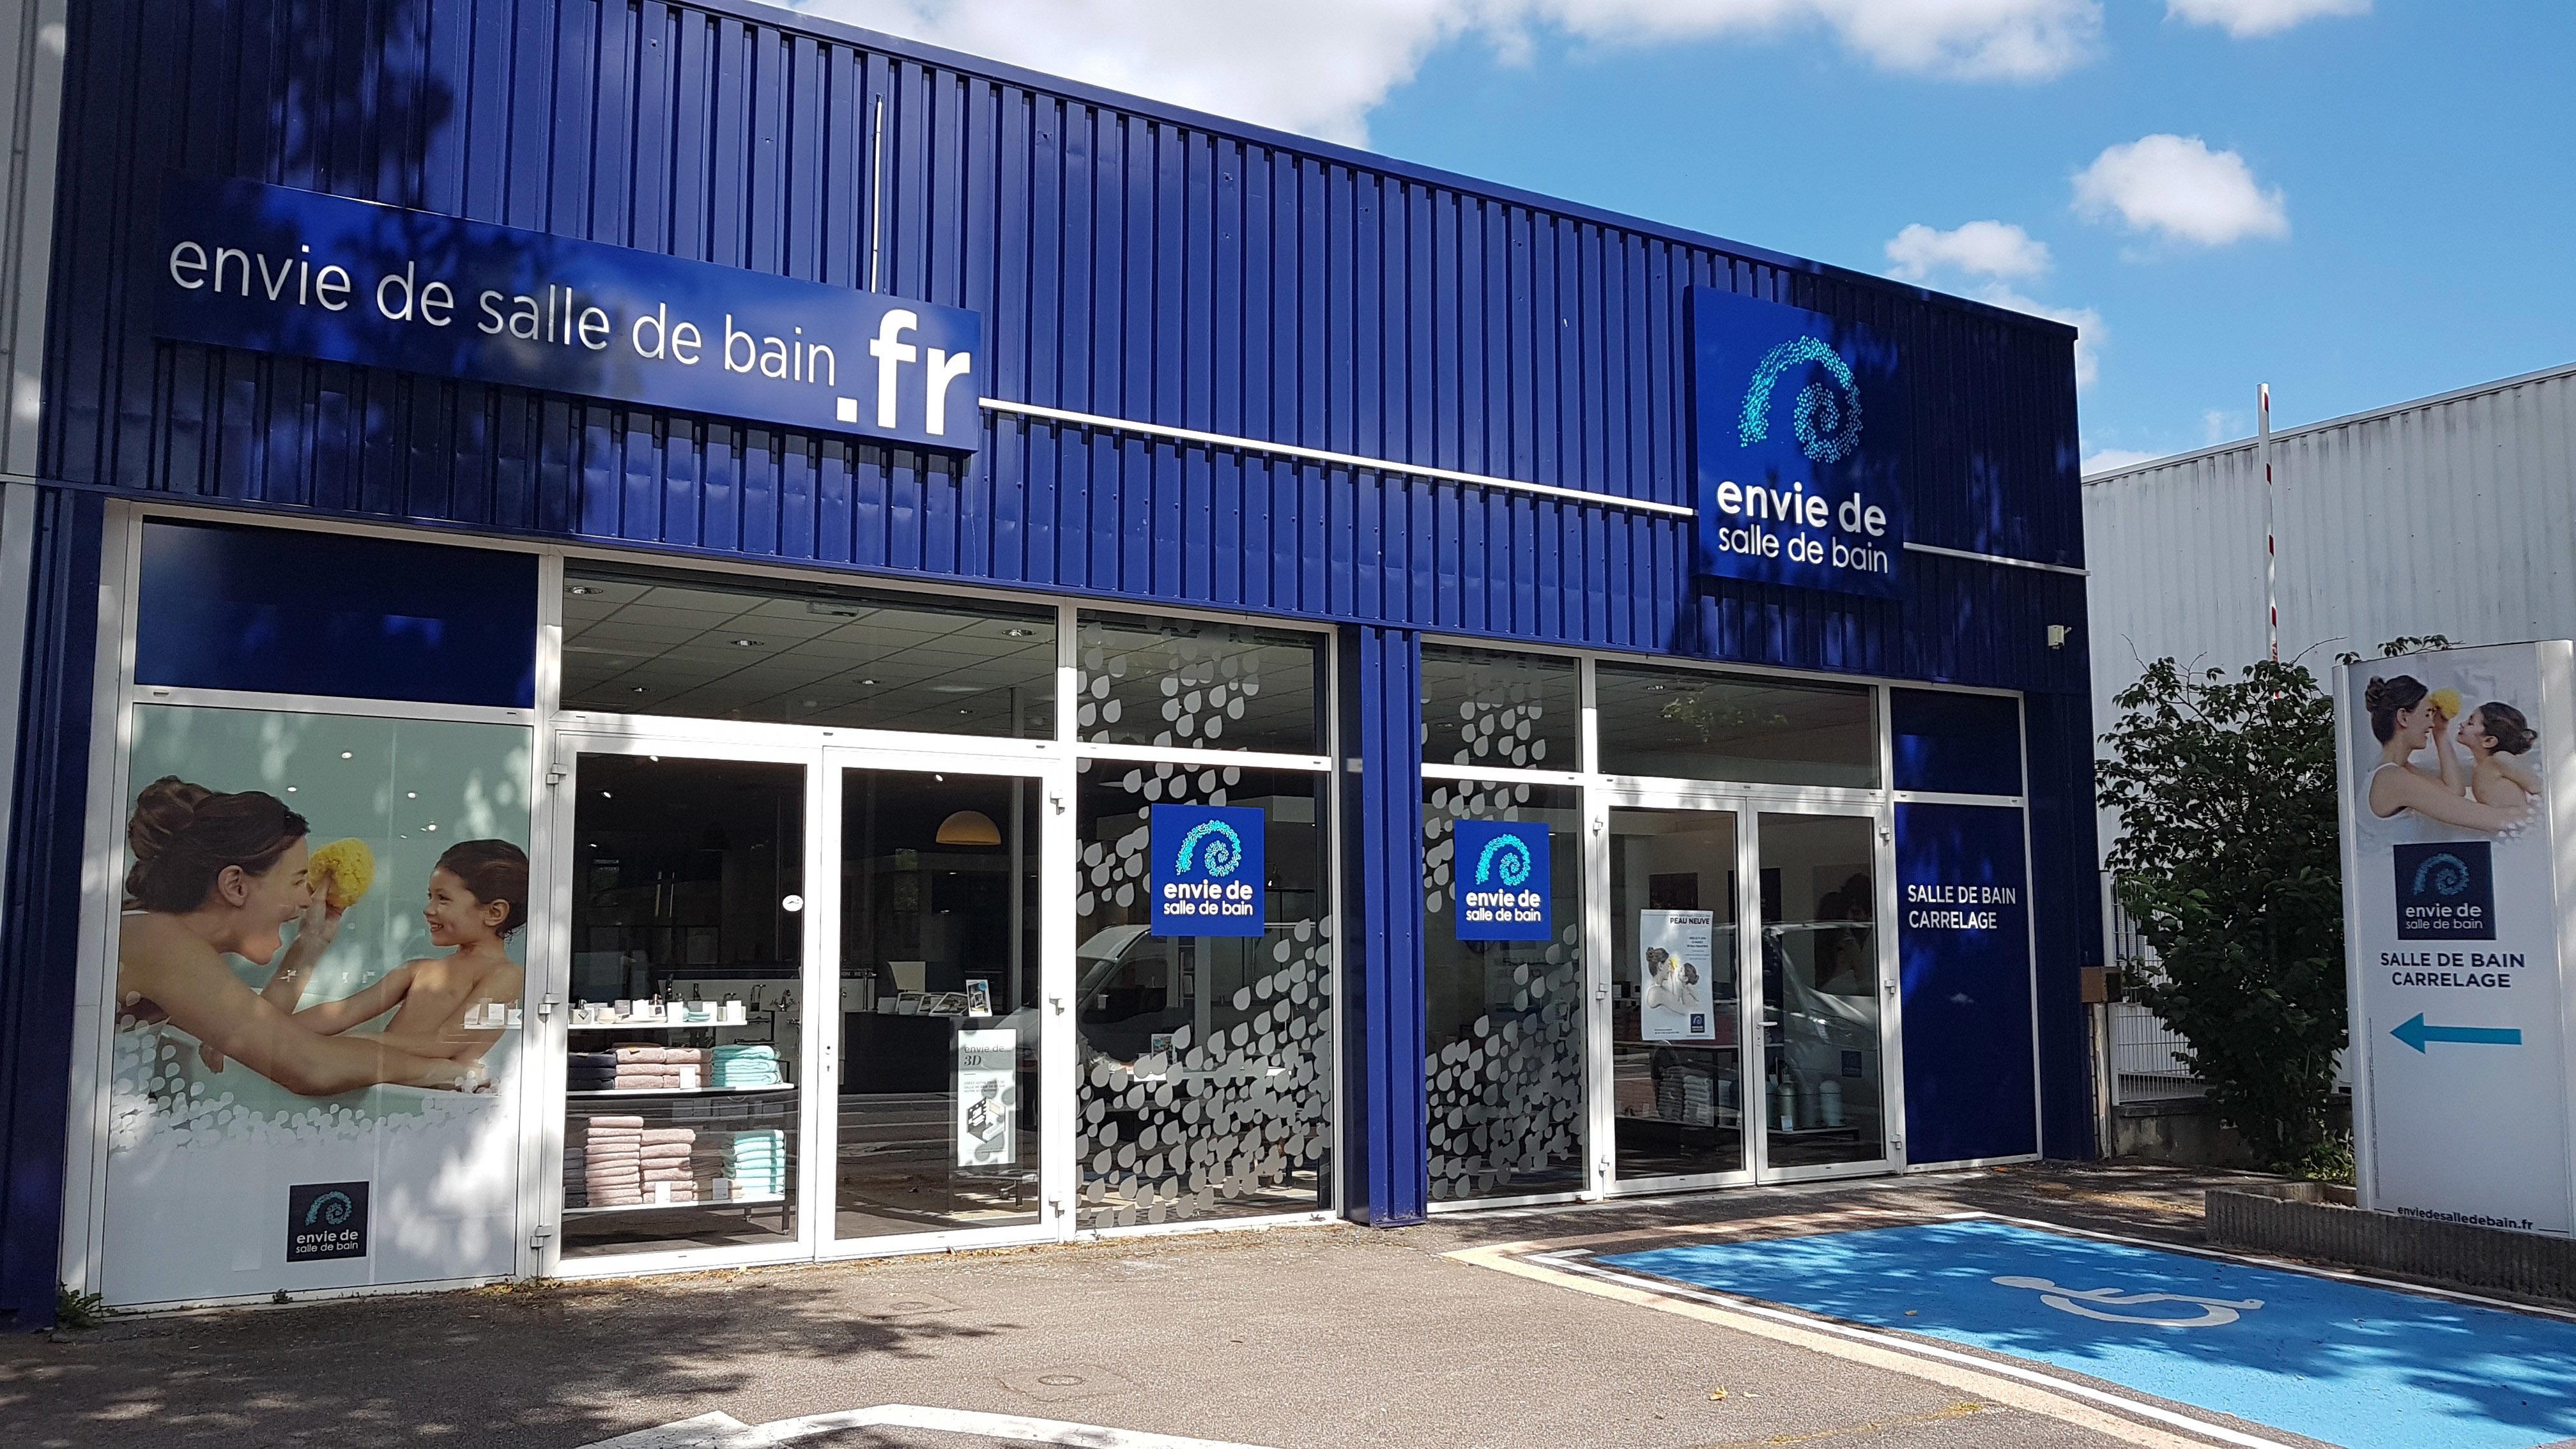 Nouvelle Salle De Bain 2018 envie de salle de bain ouvre son nouveau magasin à nancy (54